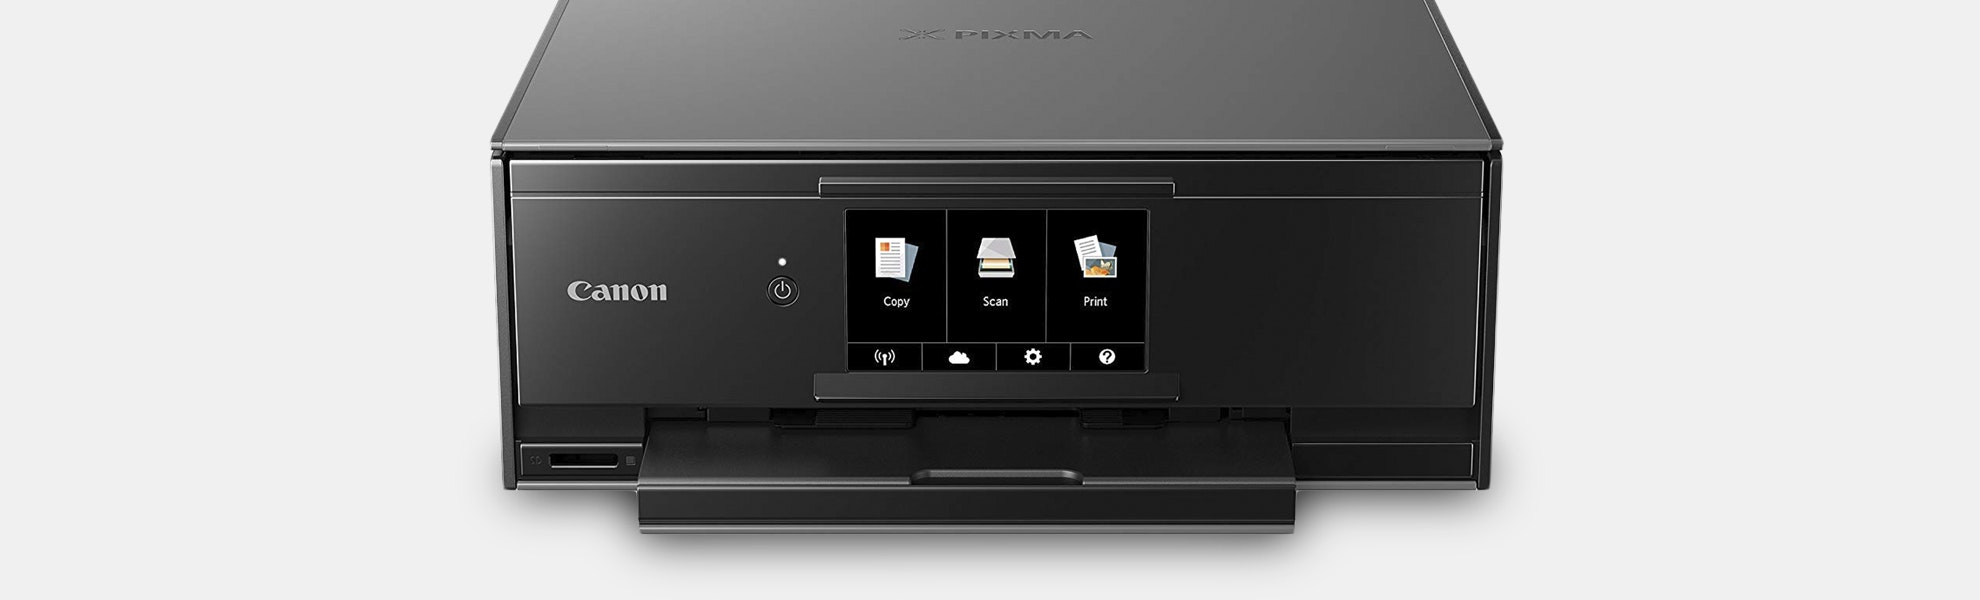 Canon TS9120 PIXMA Printer